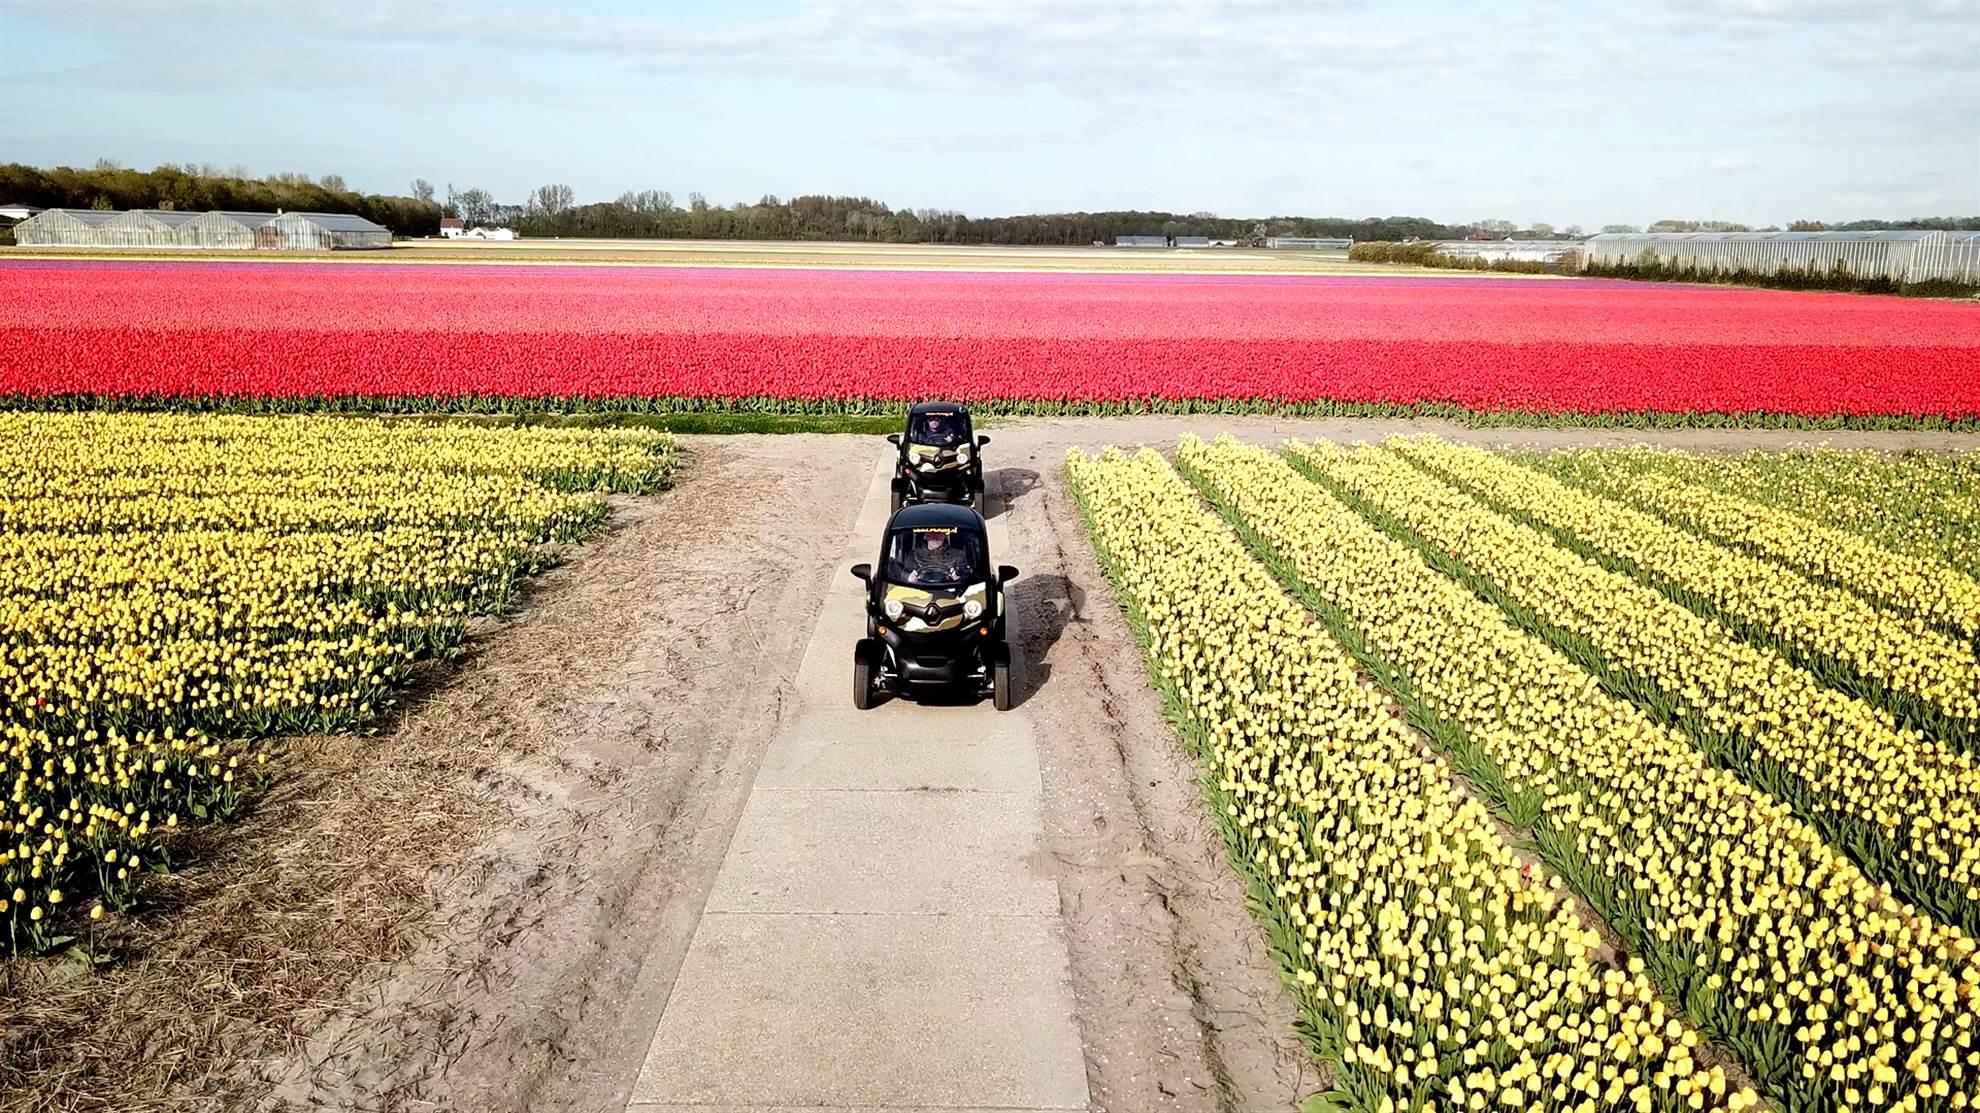 Тур по полям цветущих тюльпанов на электрокаре (GPS и аудиогид включен в стоимость)